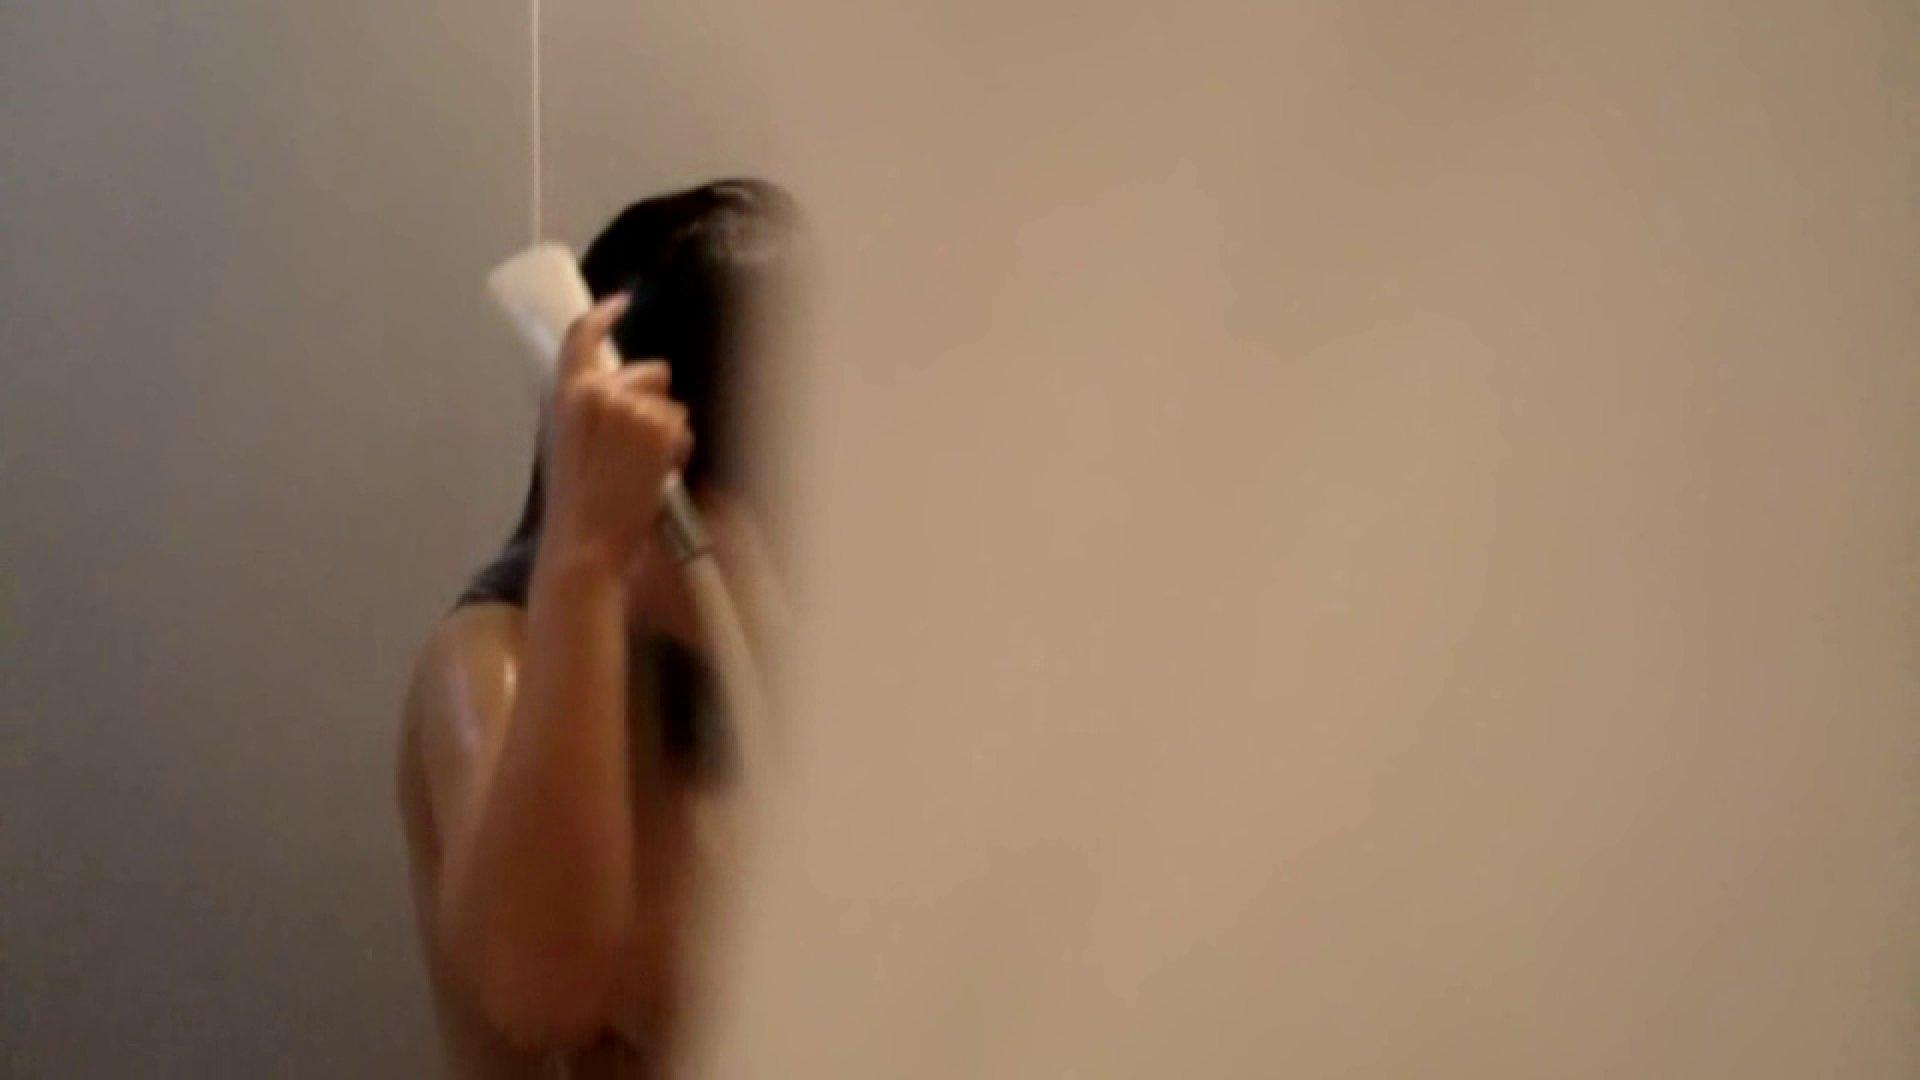 vol.2 葵のグラドル顔負けの爆乳を入浴シーンでどうぞ。 入浴 エロ画像 110枚 23